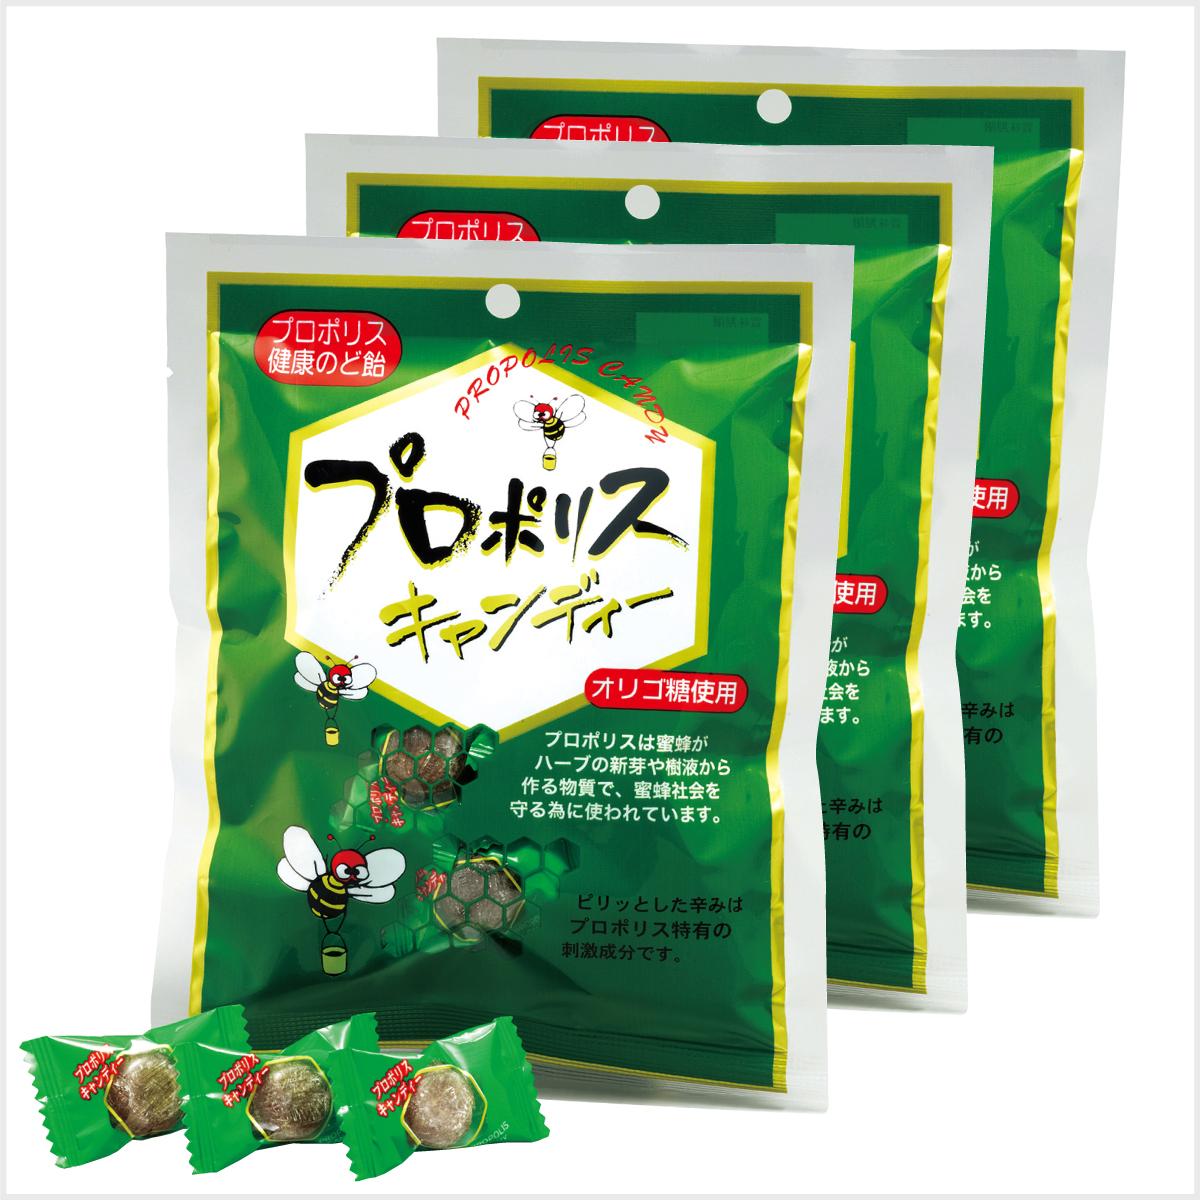 プロポリスを主原料に オリゴ糖を加えた健康のどあめです 未使用品 森川健康堂 100g×3袋☆ 100%品質保証! 在庫あり プロポリスキャンディー